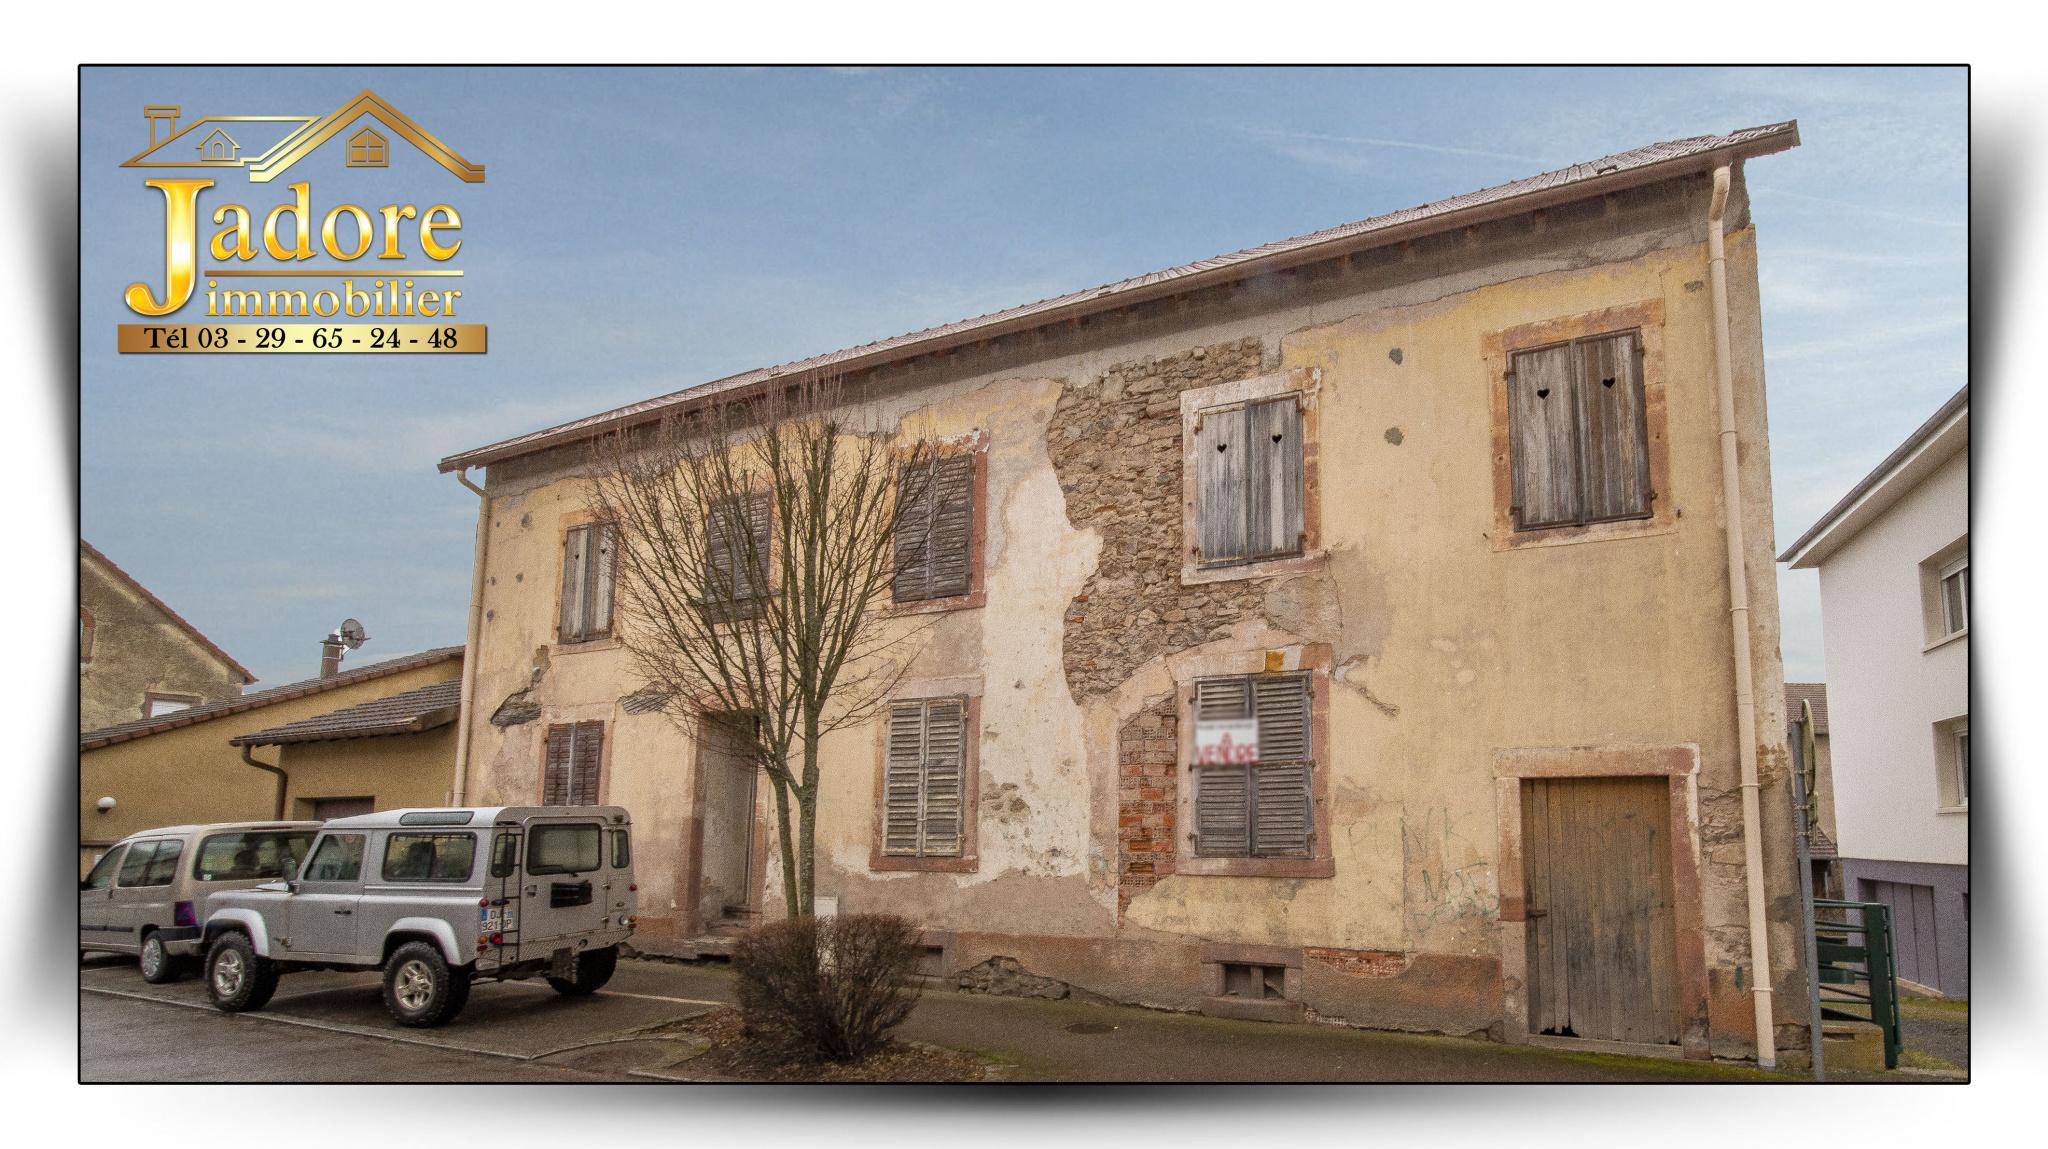 maison/villa à vendre anould